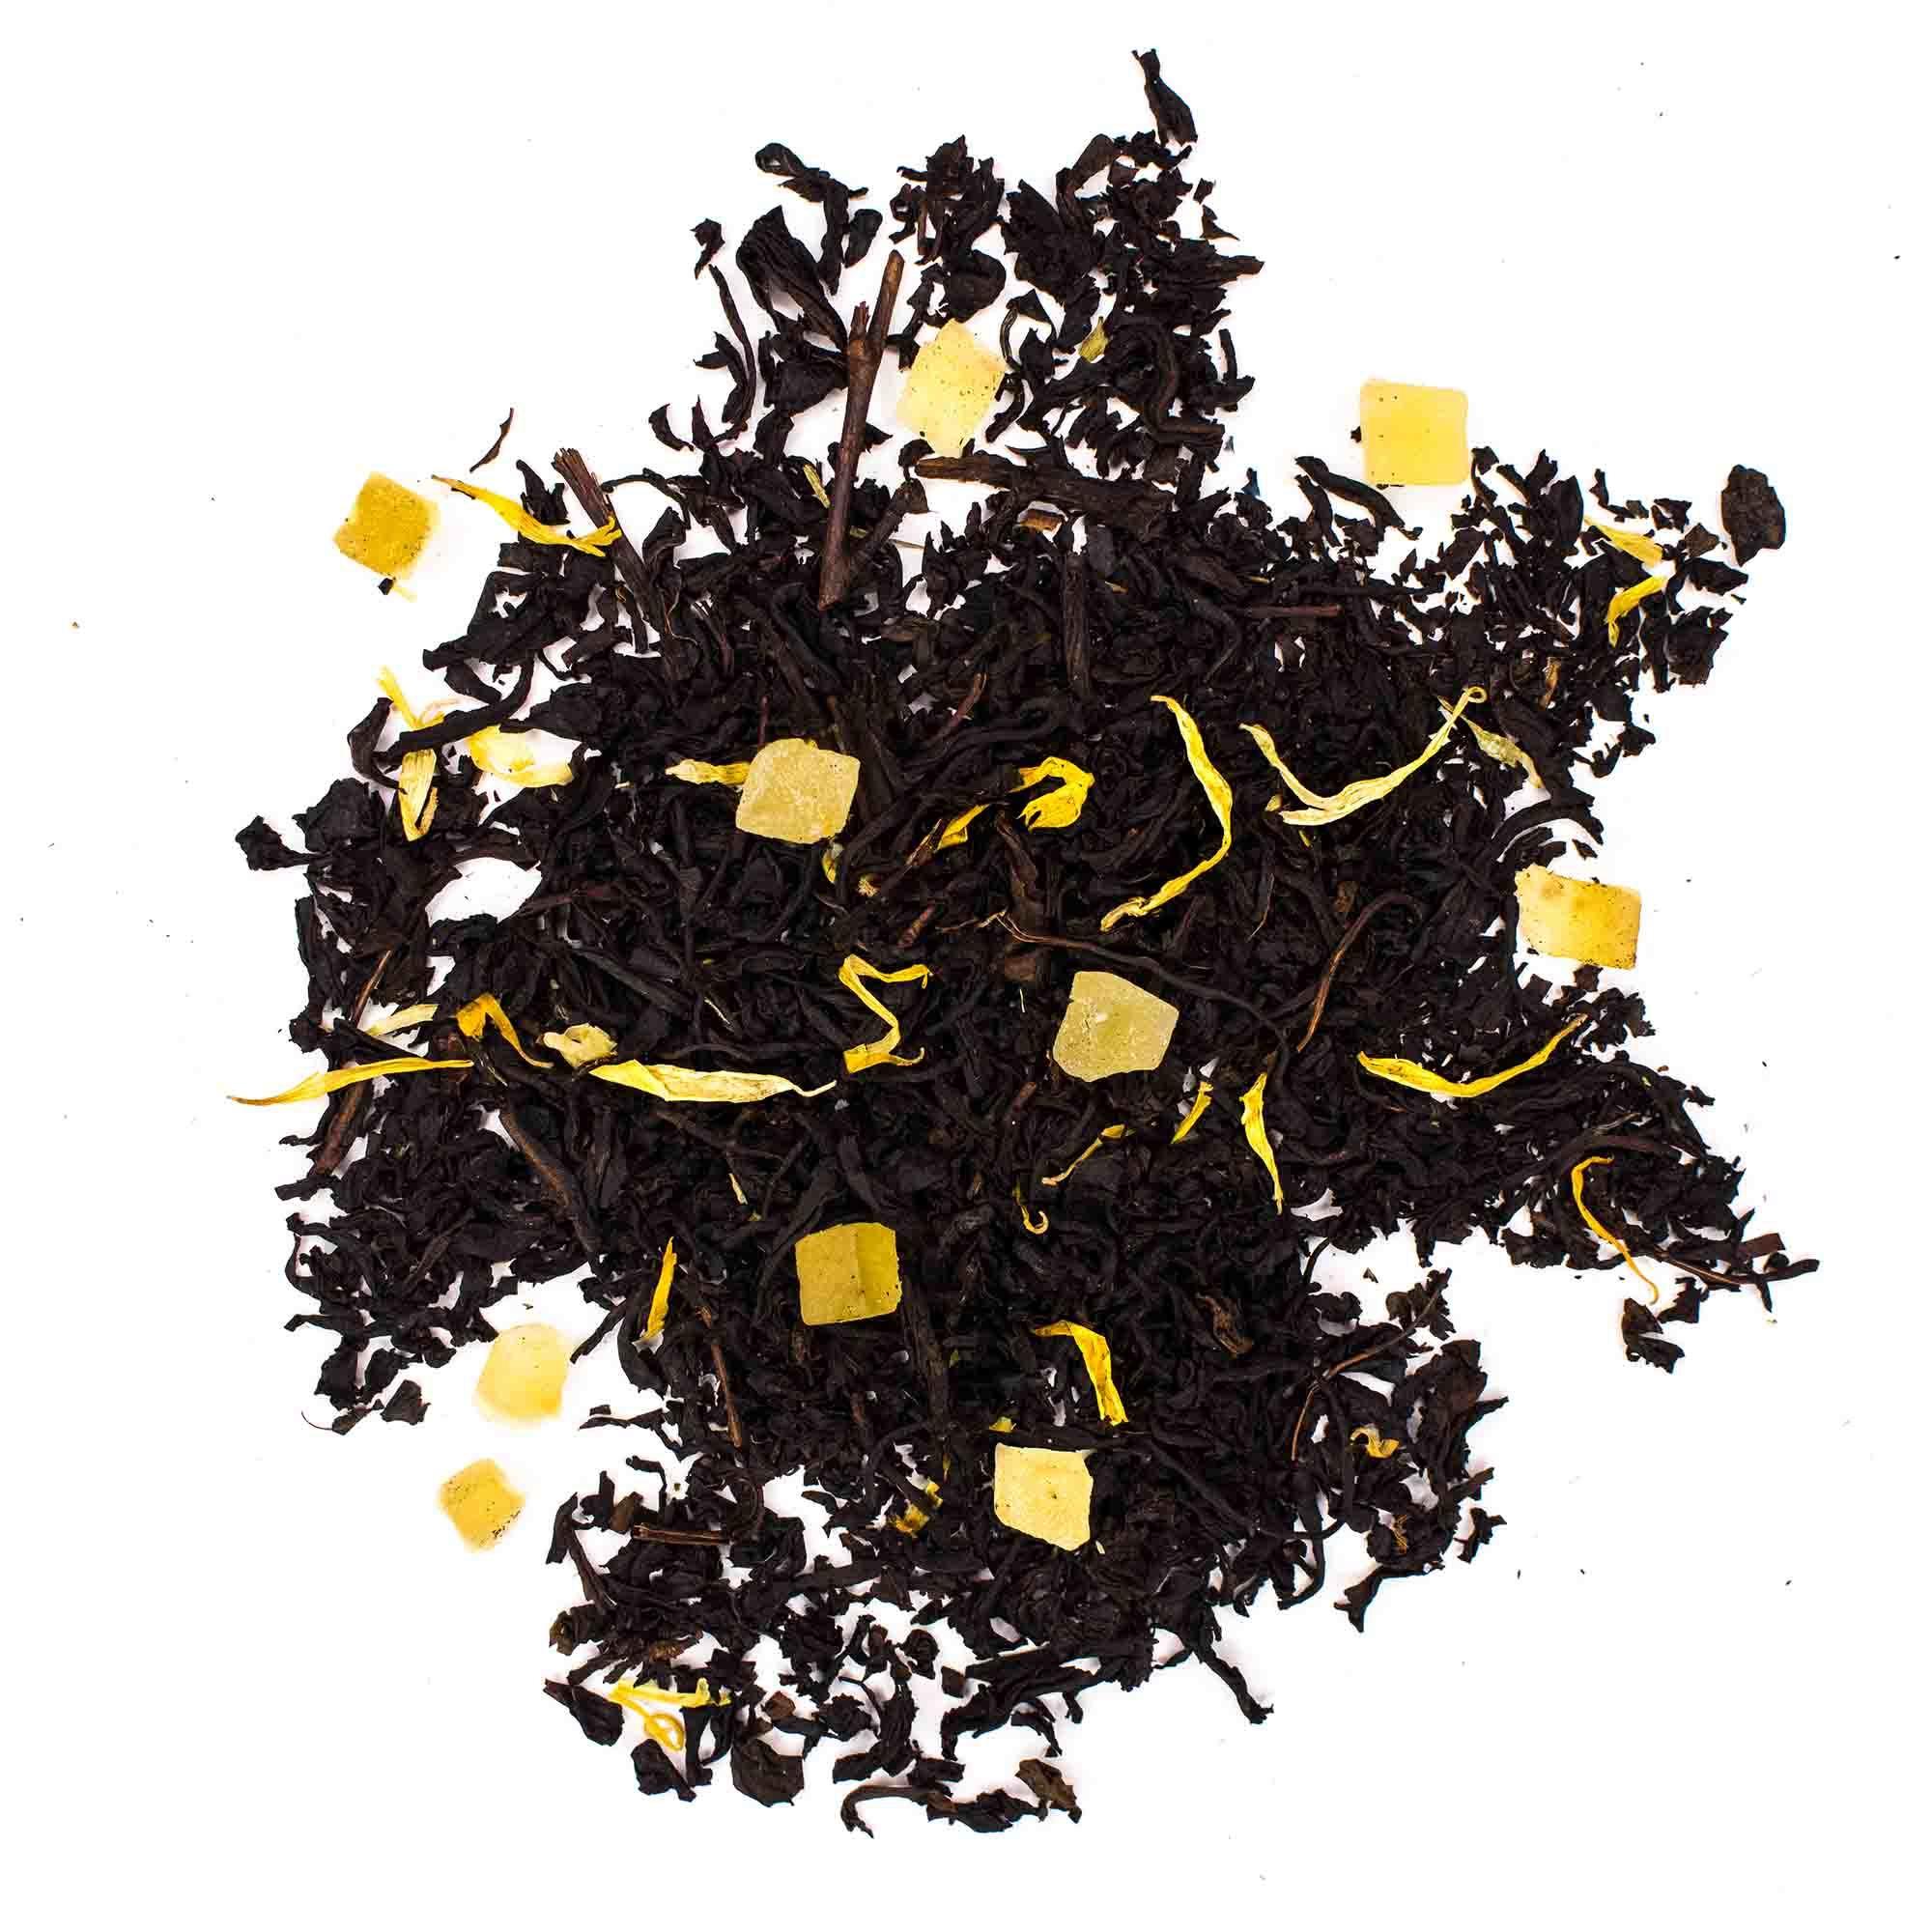 """Черный чай """"Ирландские Сливки"""" черный чай, 100гр chayirlandskiiviski-teastar.jpg.jpg"""